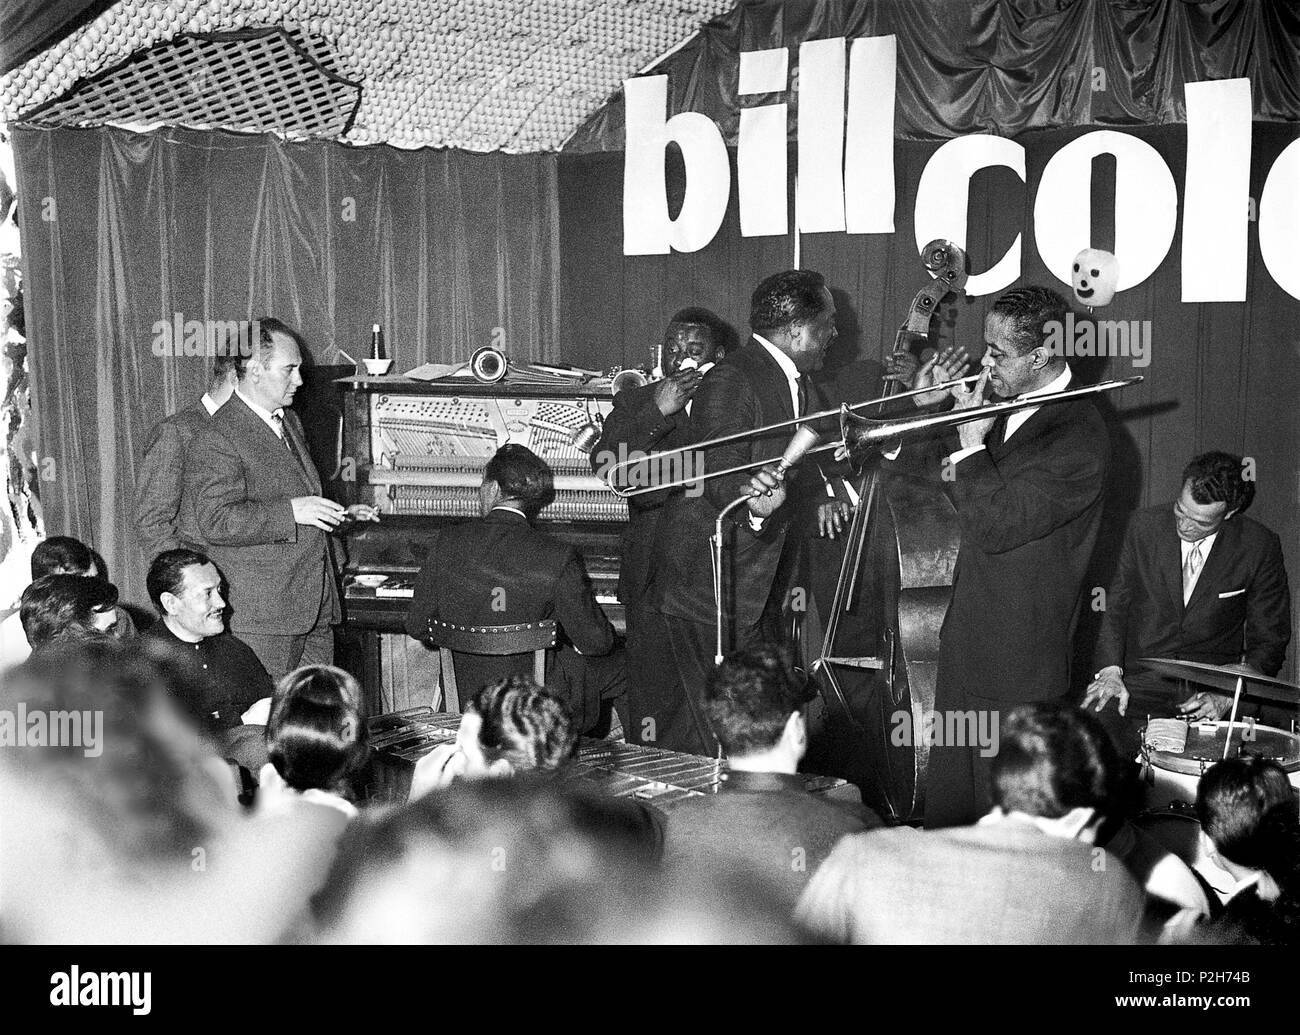 40afd31d5 El trompetista de jazz Bill Coleman en concierto, en la sala ...